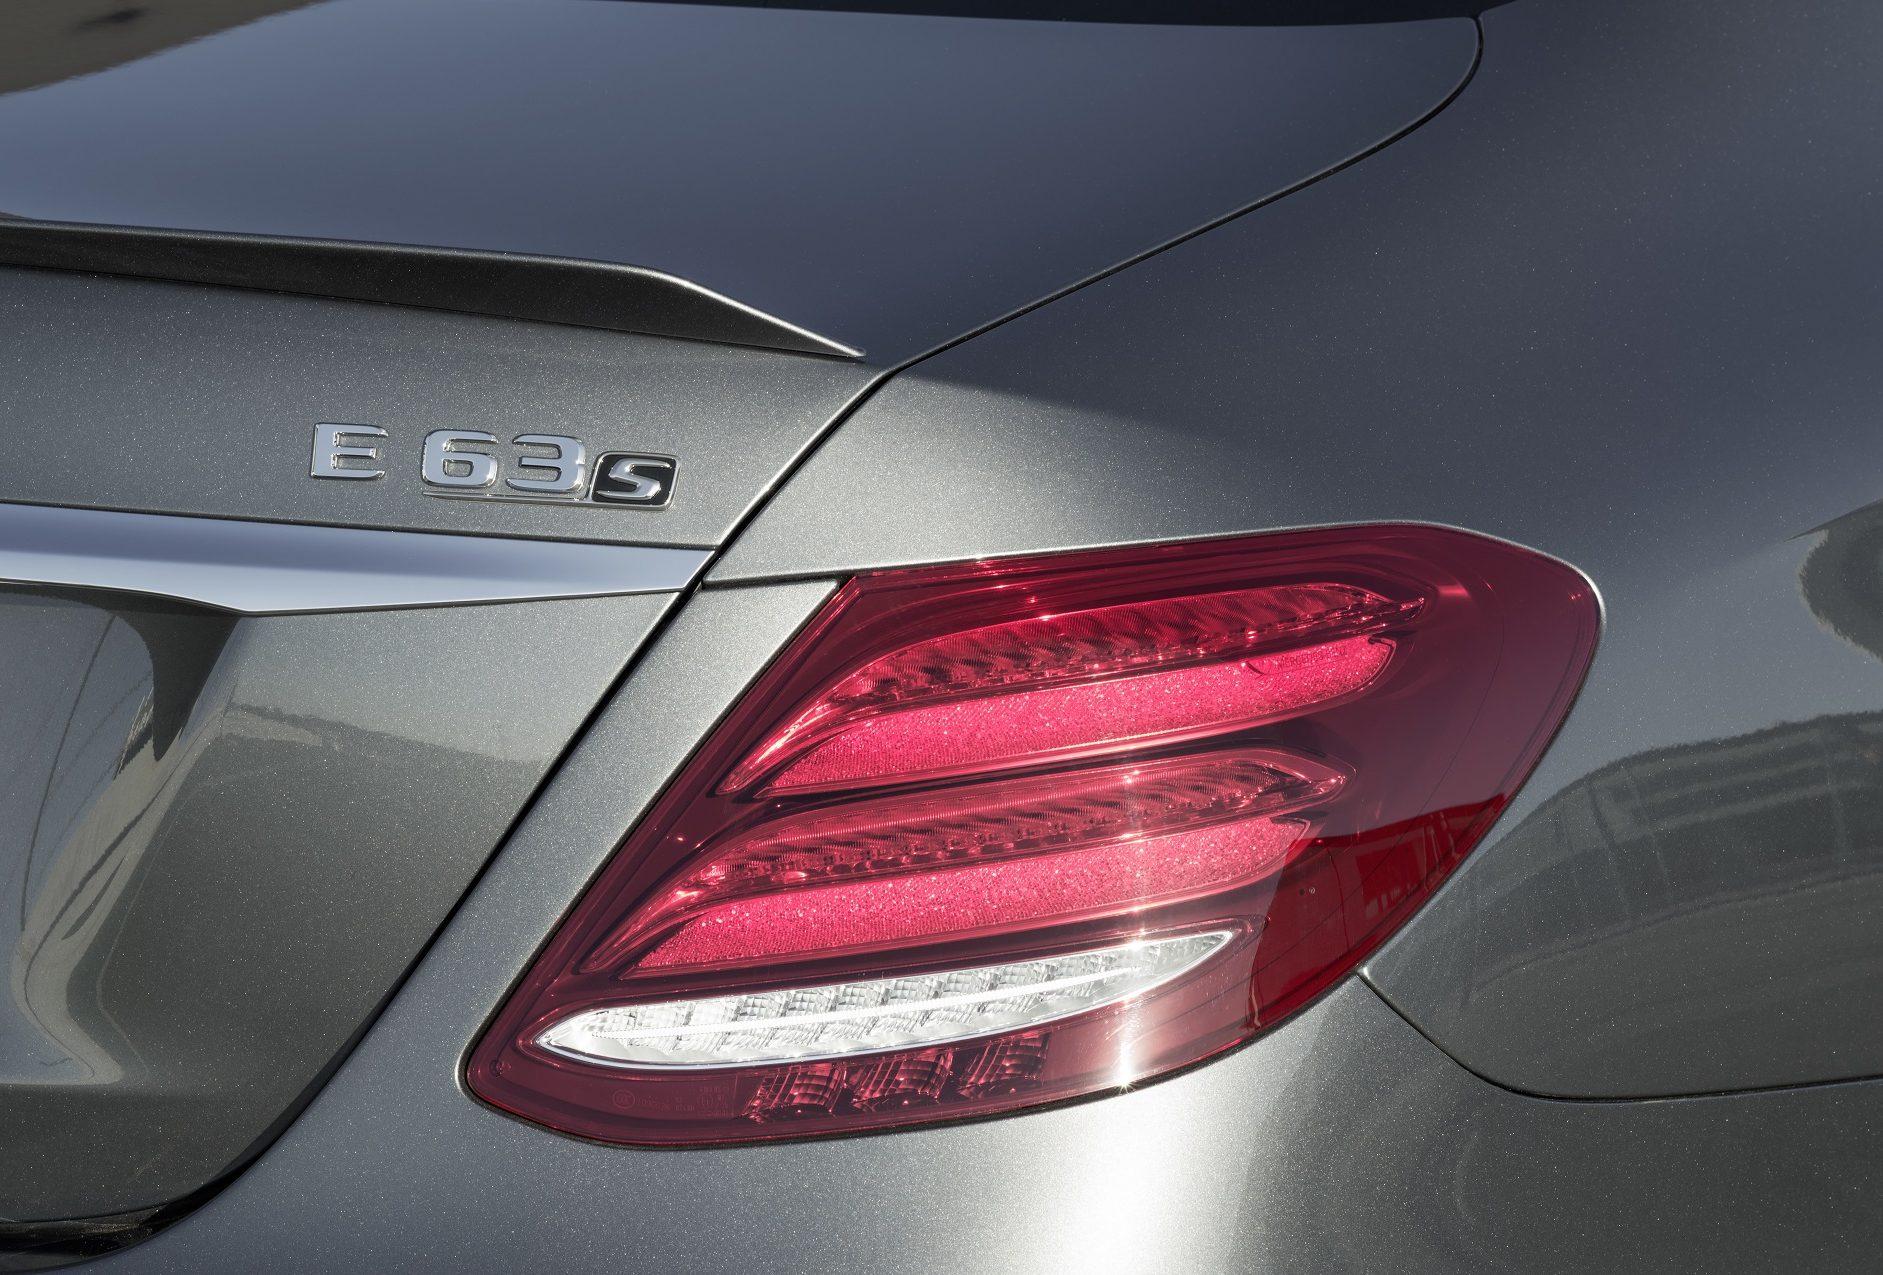 Mercedes-AMG E 63 S 4MATIC+, Detailaufnahme ;Kraftstoffverbrauch kombiniert: 9,2 – 8,9l/100 km; CO2-Emissionen kombiniert: 209 - 203 g/km  Mercedes-AMG E 63 S 4MATIC+, detail shot; Fuel consumption combined: 9,2 – 8,9 l/100 km; Combined CO2 emissions: 209 - 203 g/km